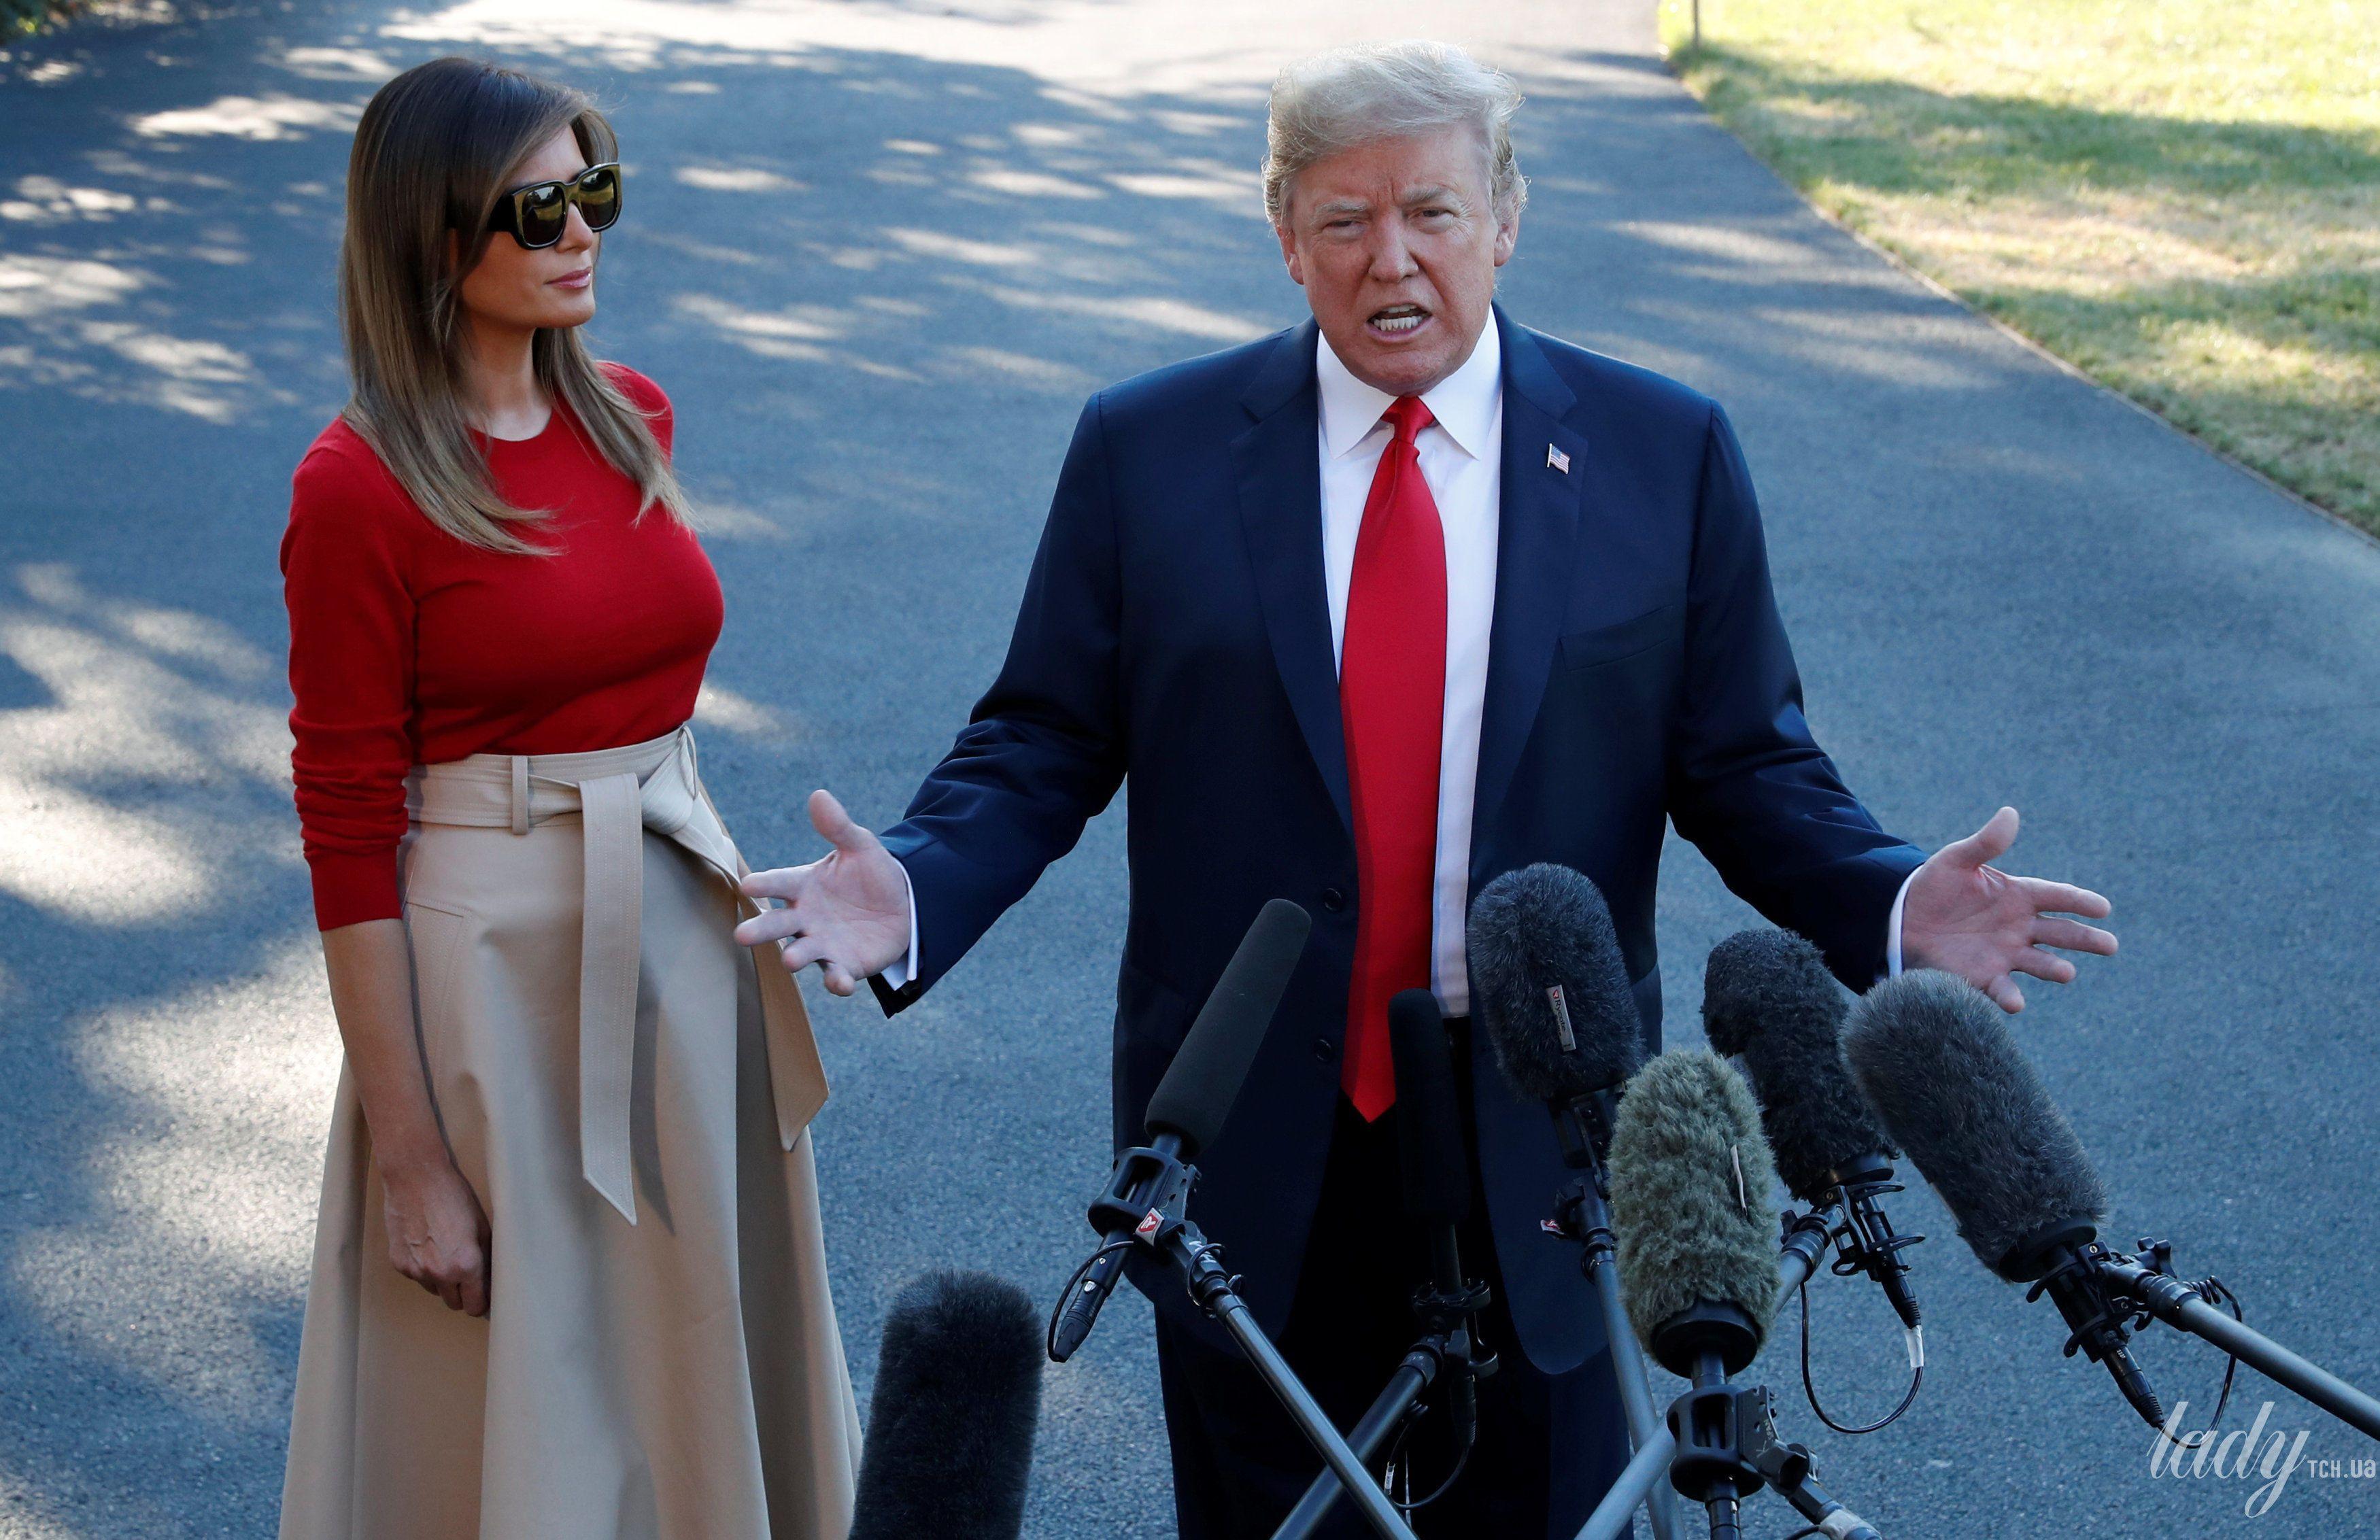 Мелания Трамп насаммите НАТО: сколько стоит одеяние первой леди?